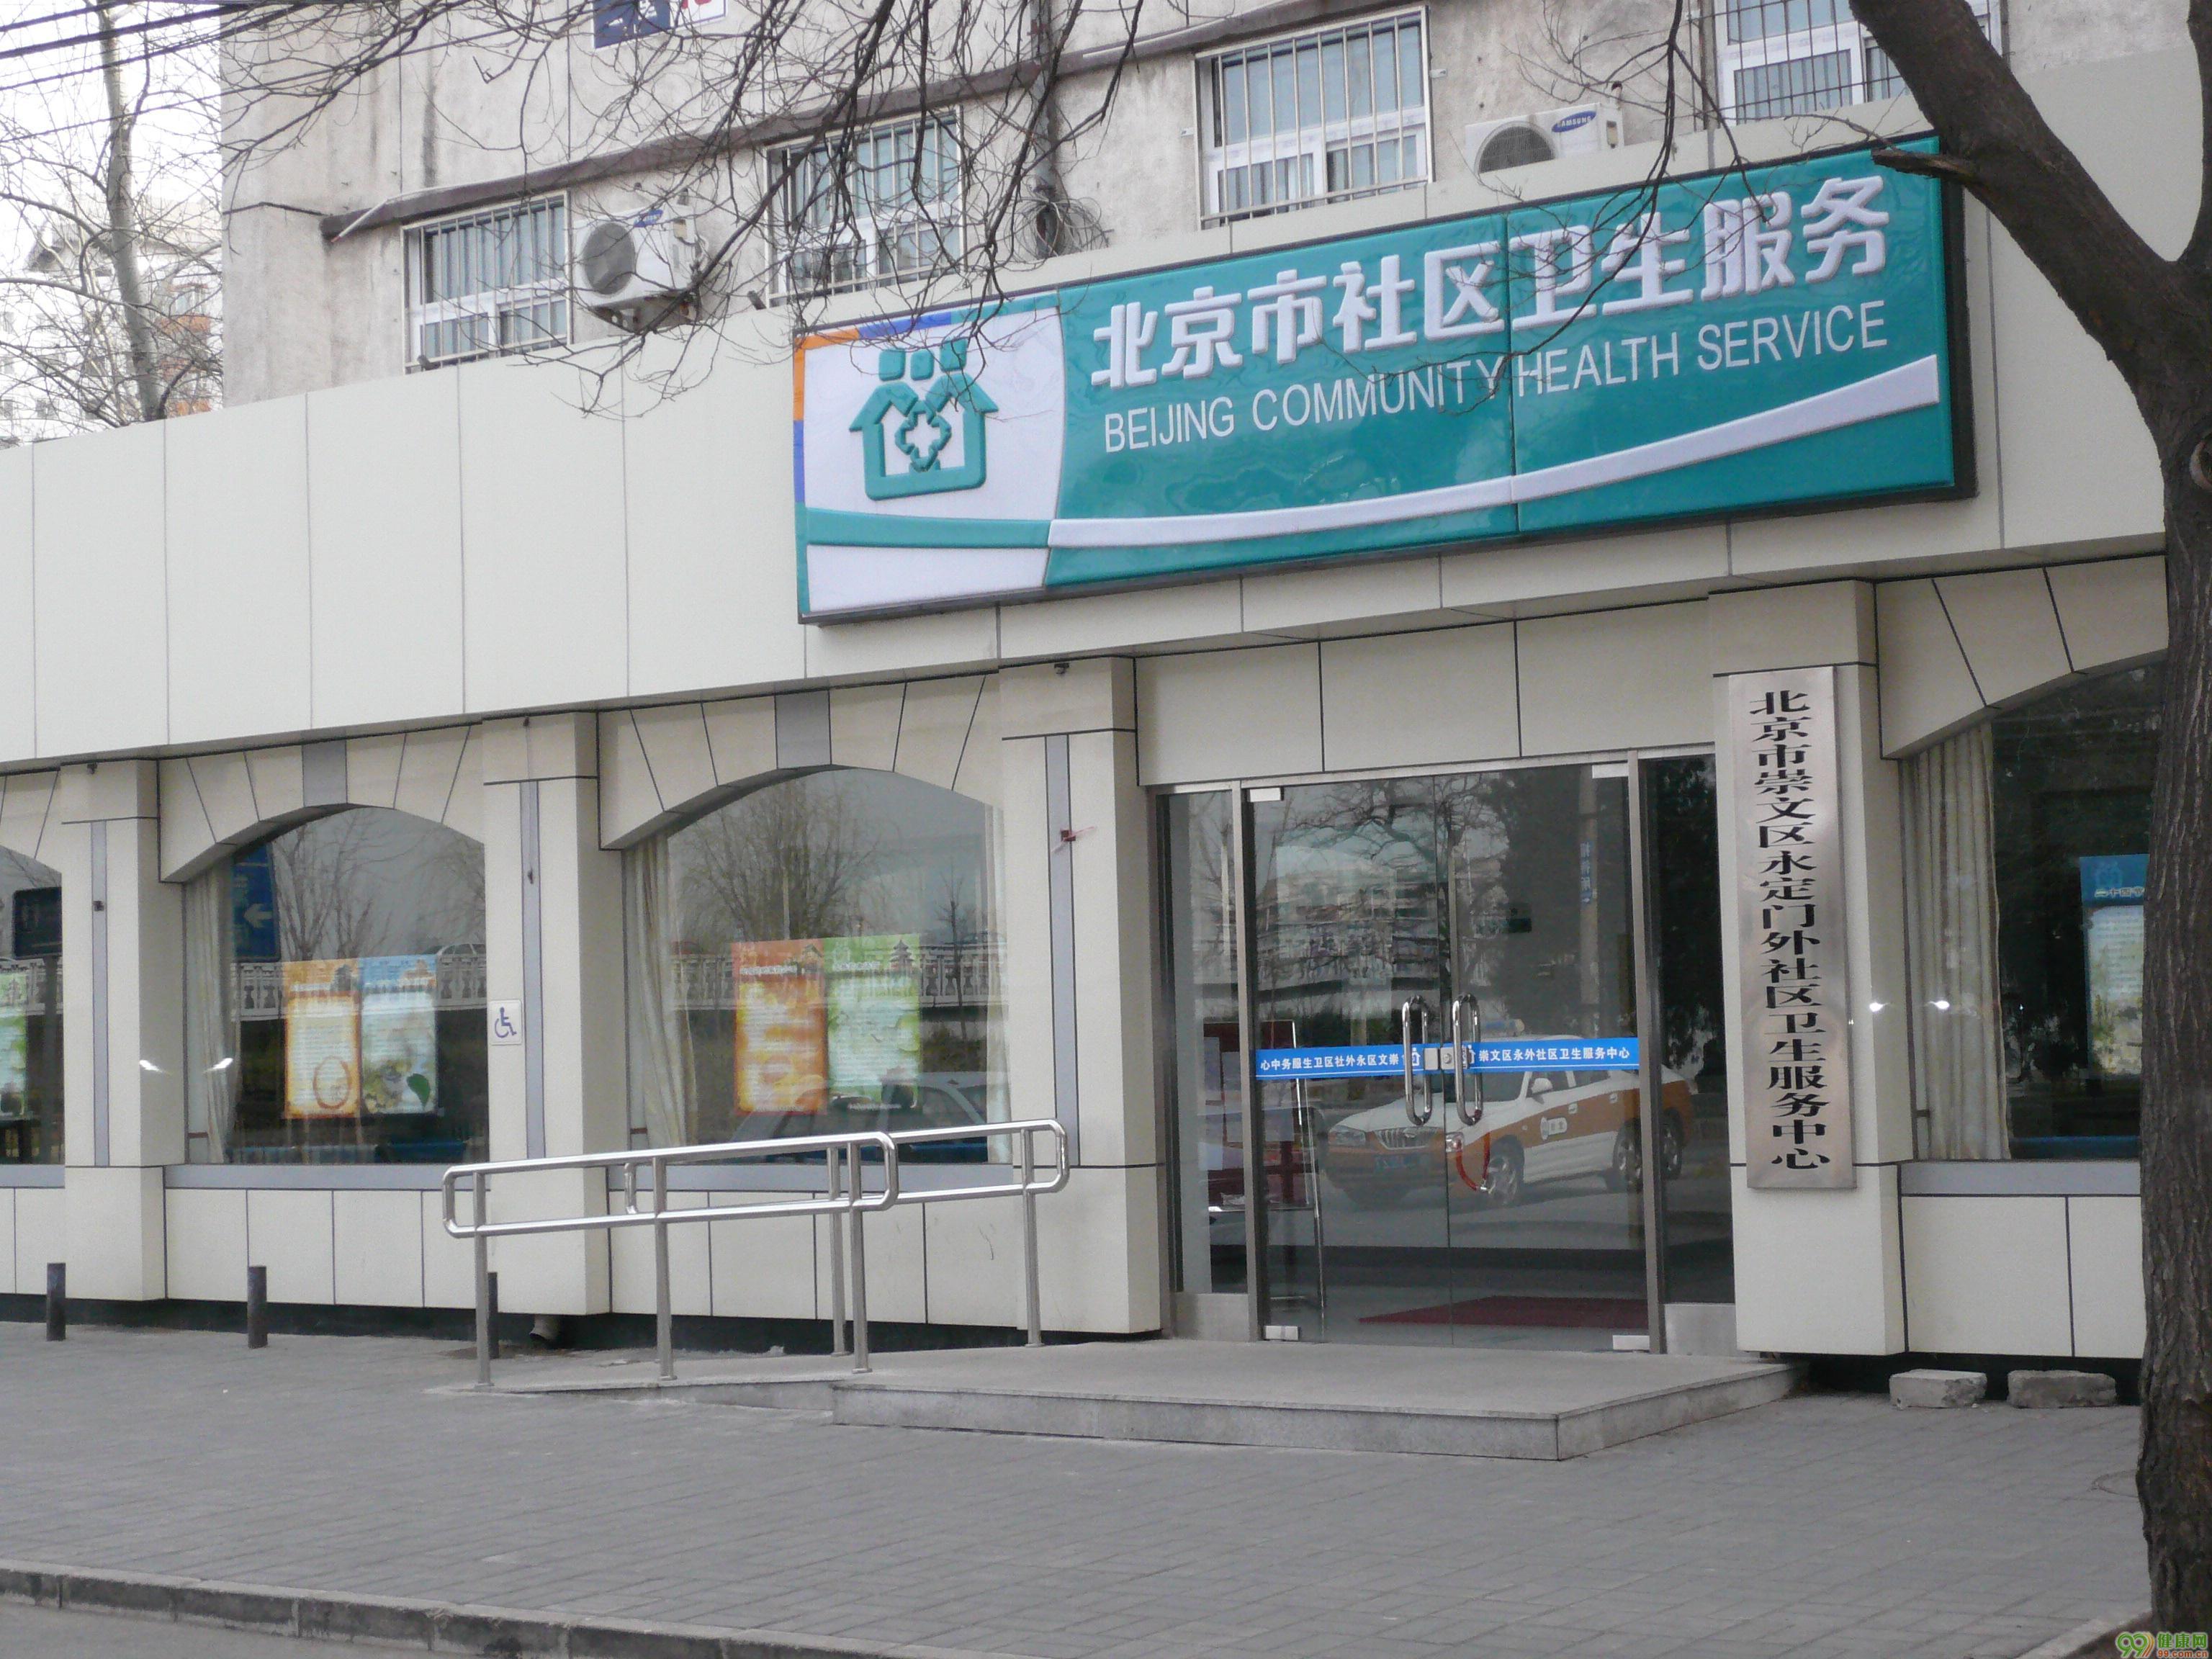 永外社区卫生服务中心